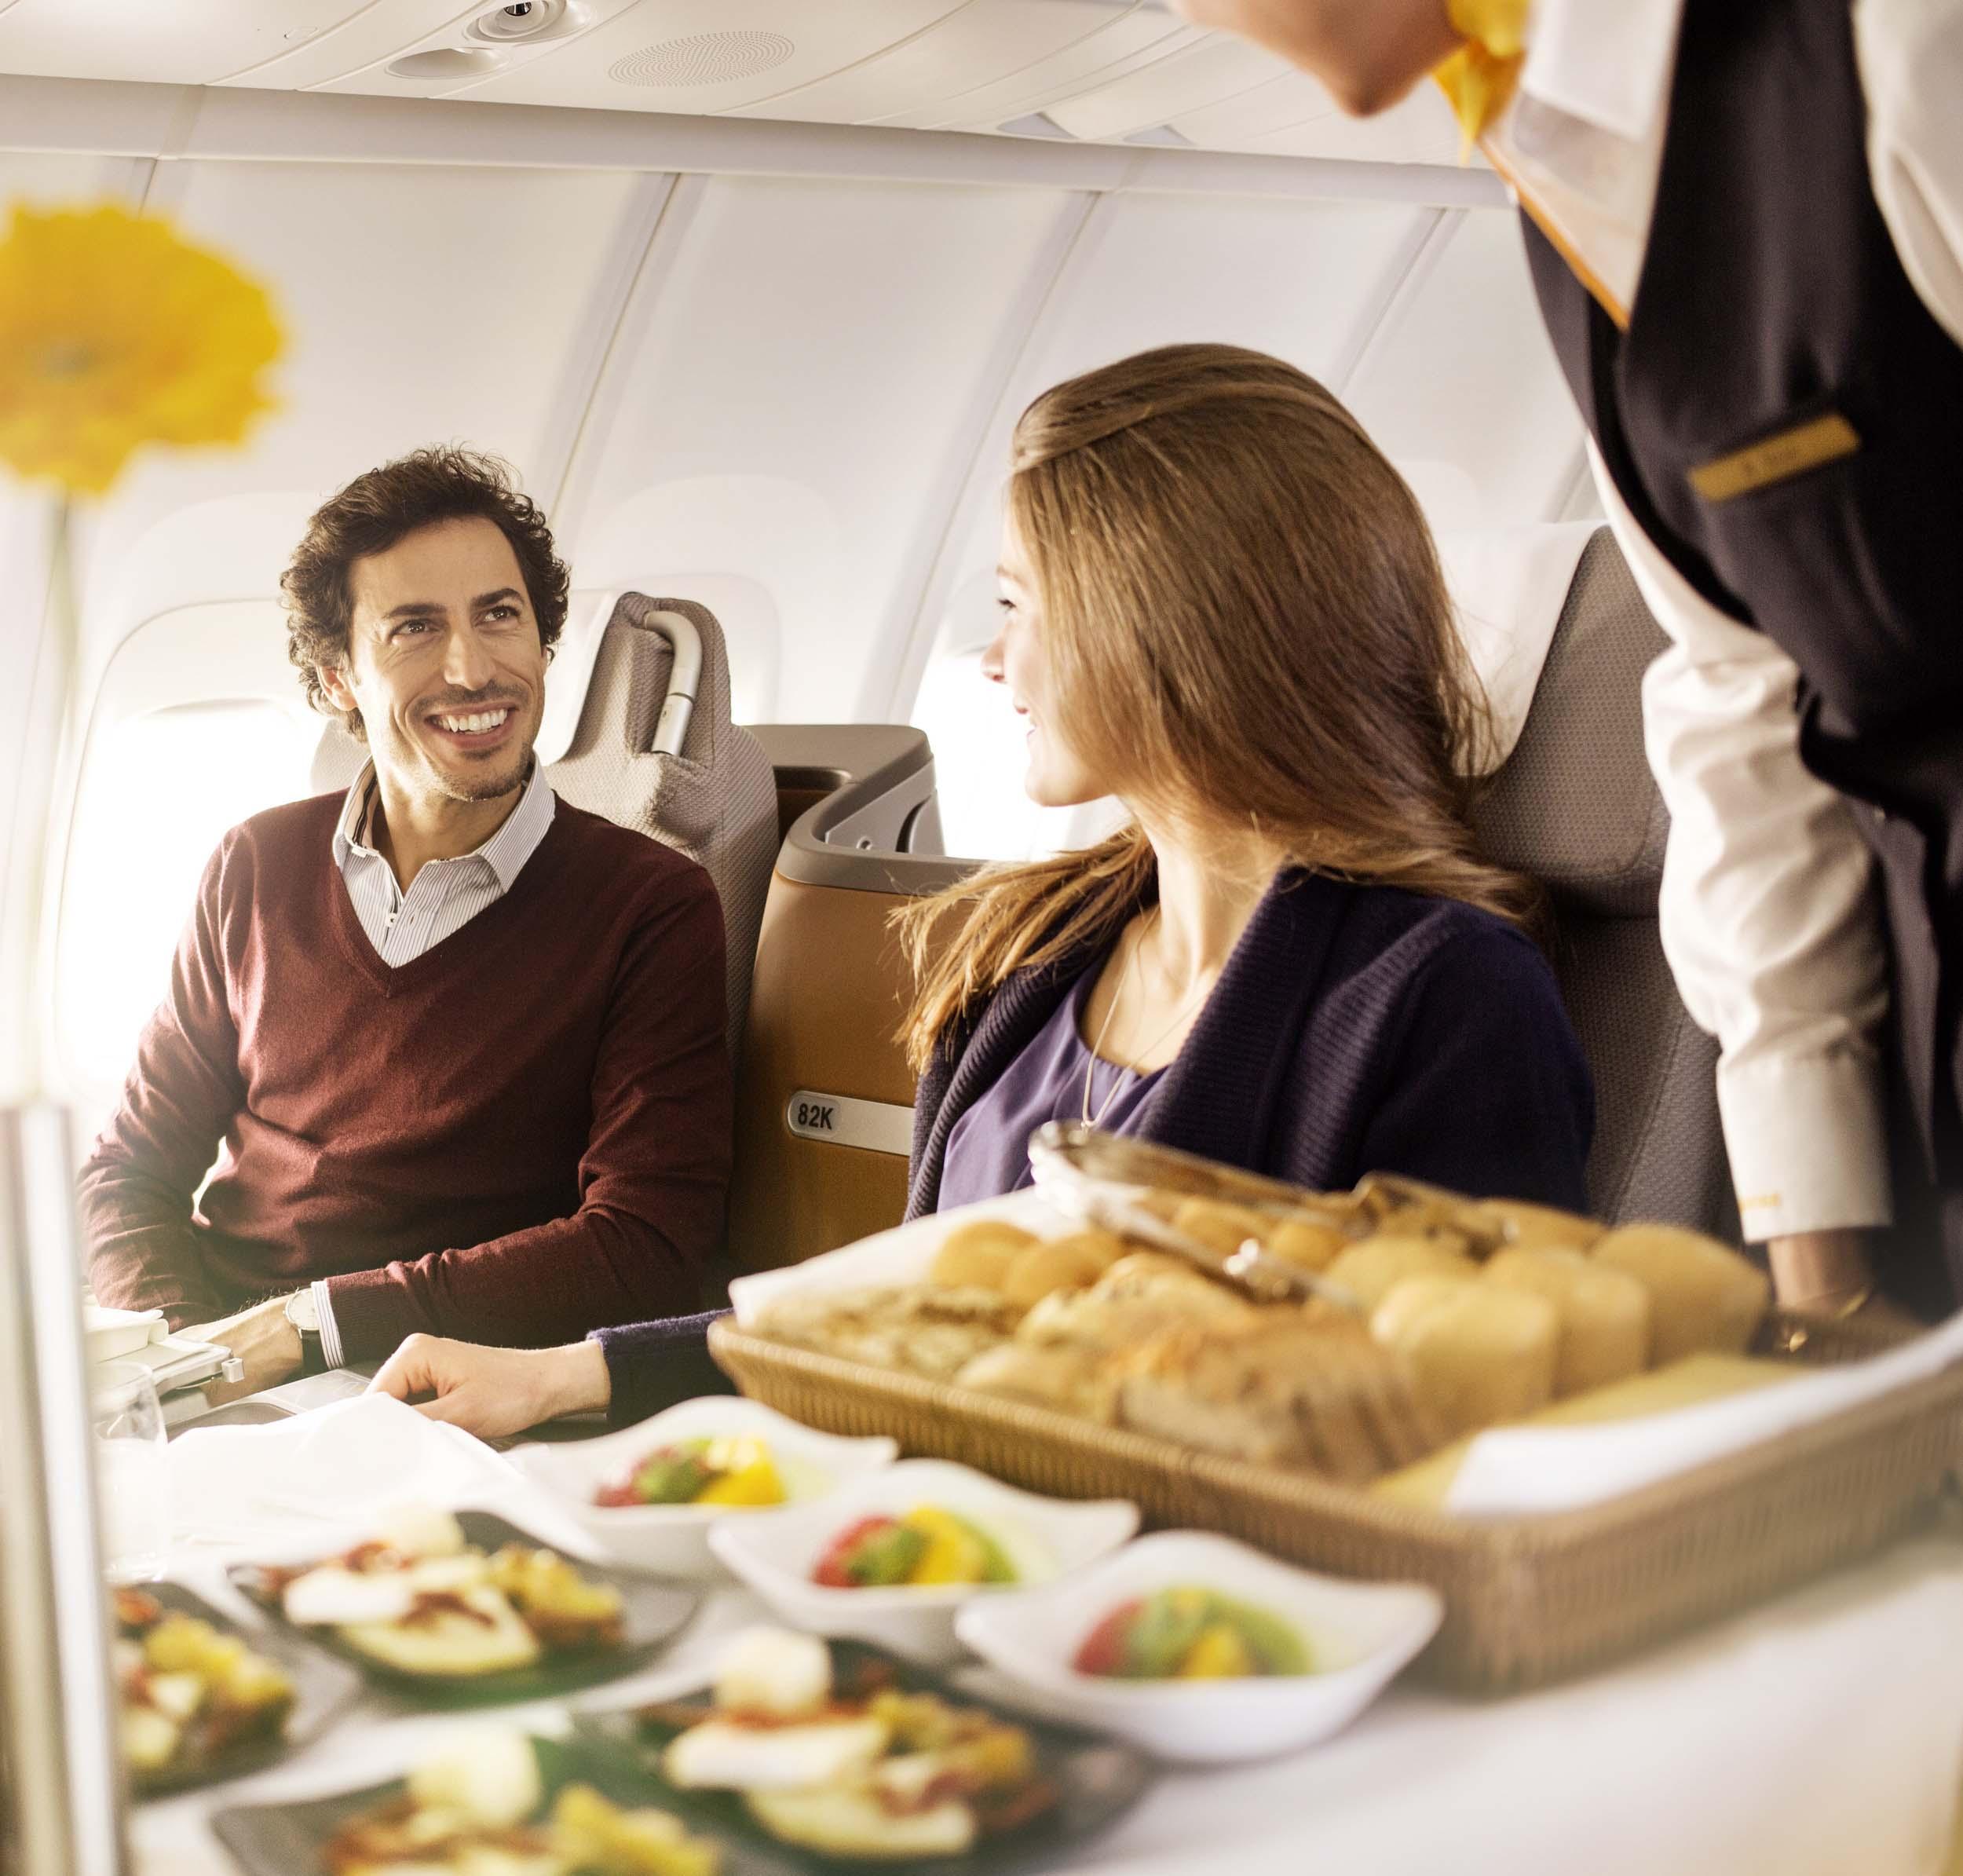 Lufthansa-Onboard-Service_2-mres